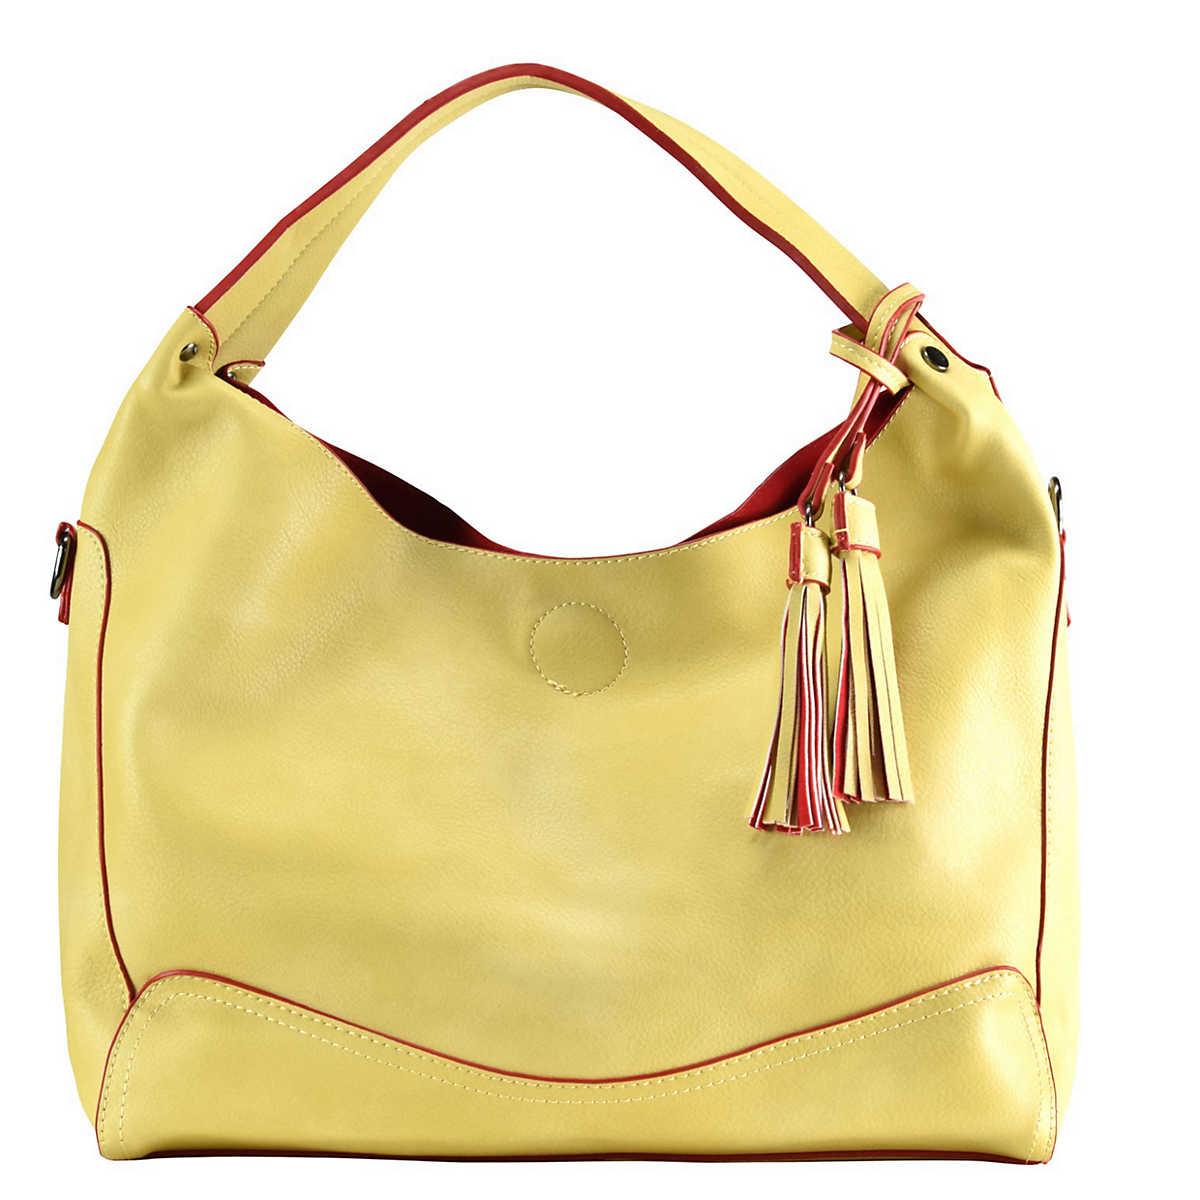 Artikel klicken und genauer betrachten! - Maestro Surprise Bag in Bag Shopper Modische Tasche aus Synthetik mit einer perfekten Lederoptik mit einer herausnehmbaren 2.Tasche- als Umhängetasche tragbar.[...]. Weitere Informationen finden Sie unter mirapodo.de. | im Online Shop kaufen